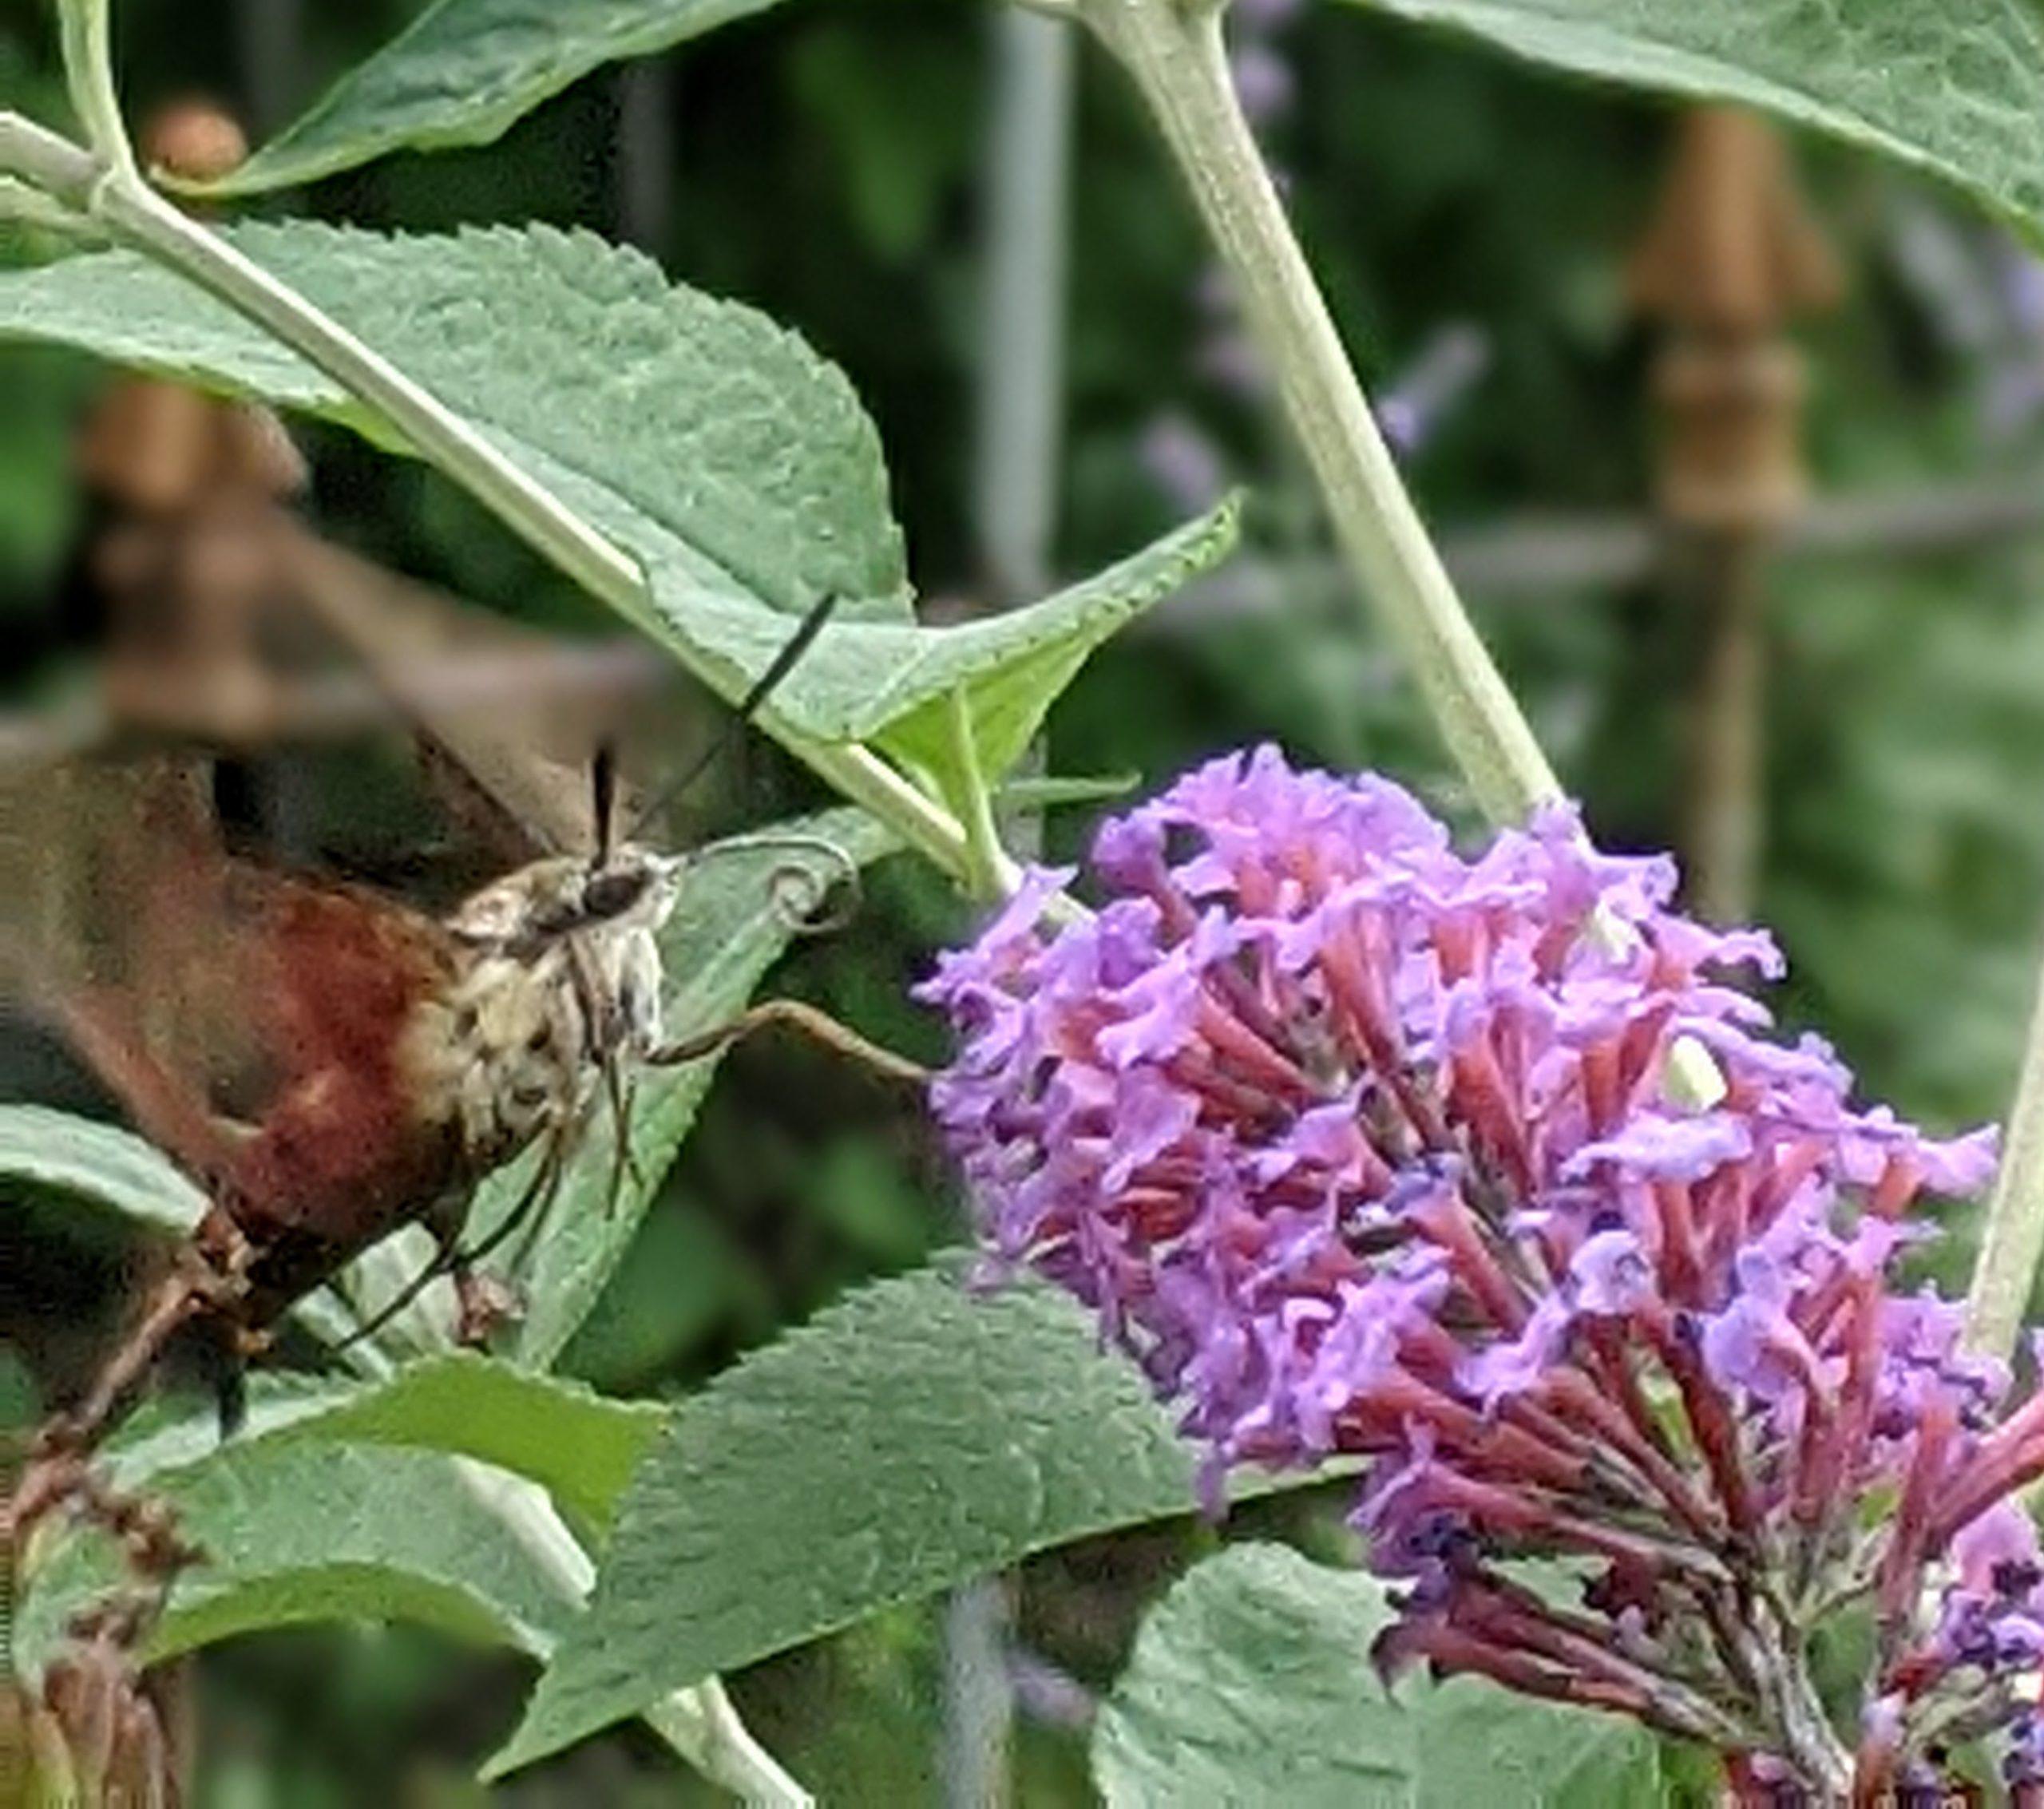 hawkmoth on butterfly bush